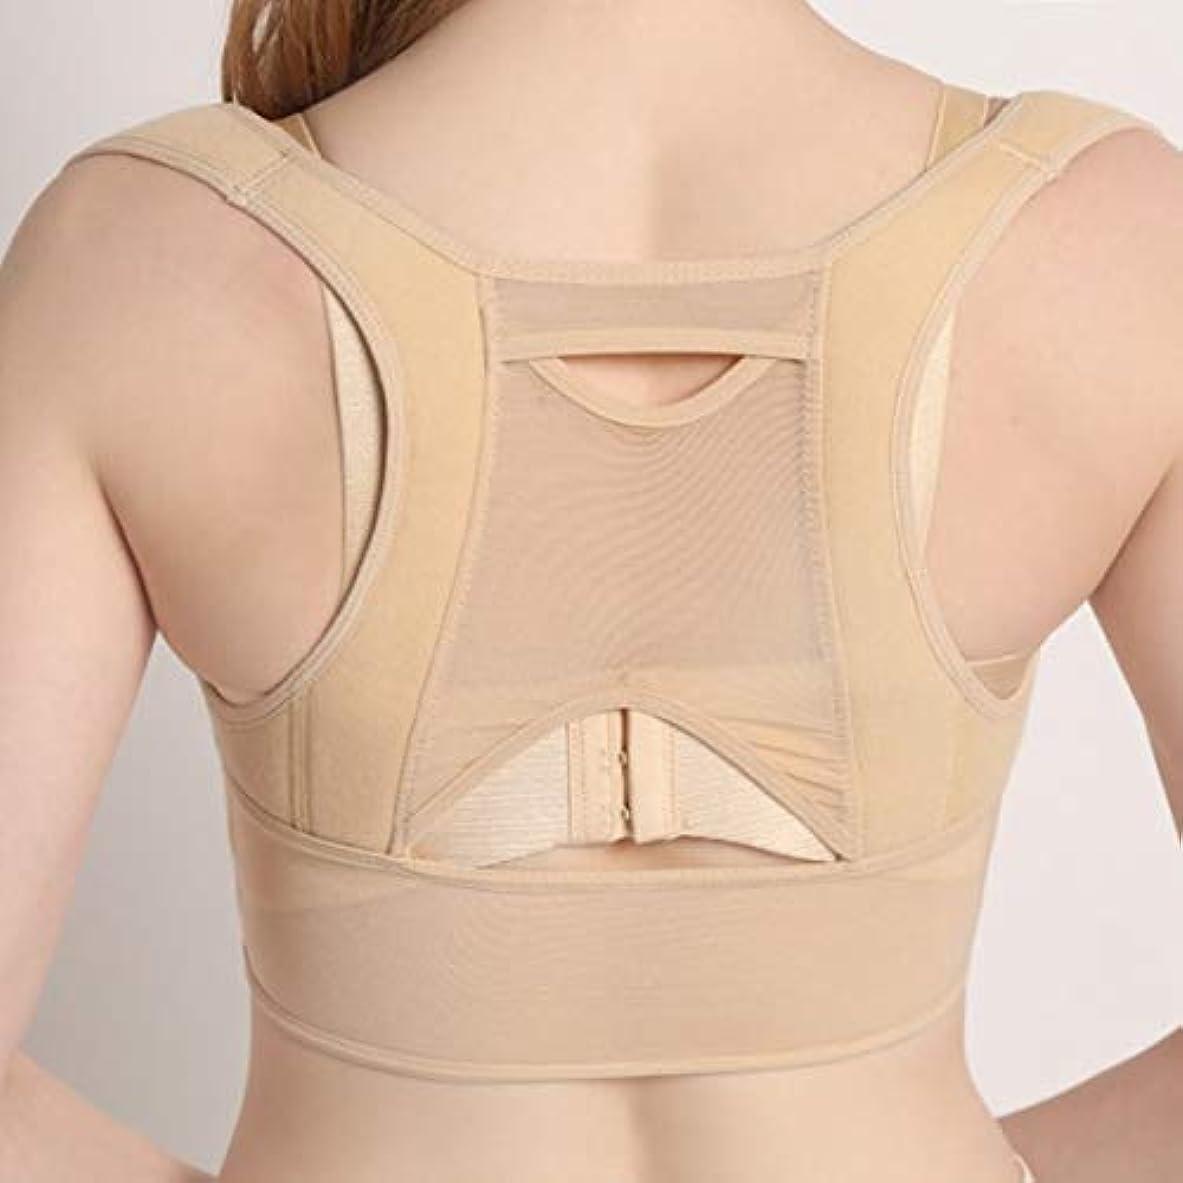 用心する実行可能国籍通気性のある女性の背中の姿勢矯正コルセット整形外科の背中の肩の背骨の姿勢矯正腰椎サポート - ベージュホワイトL